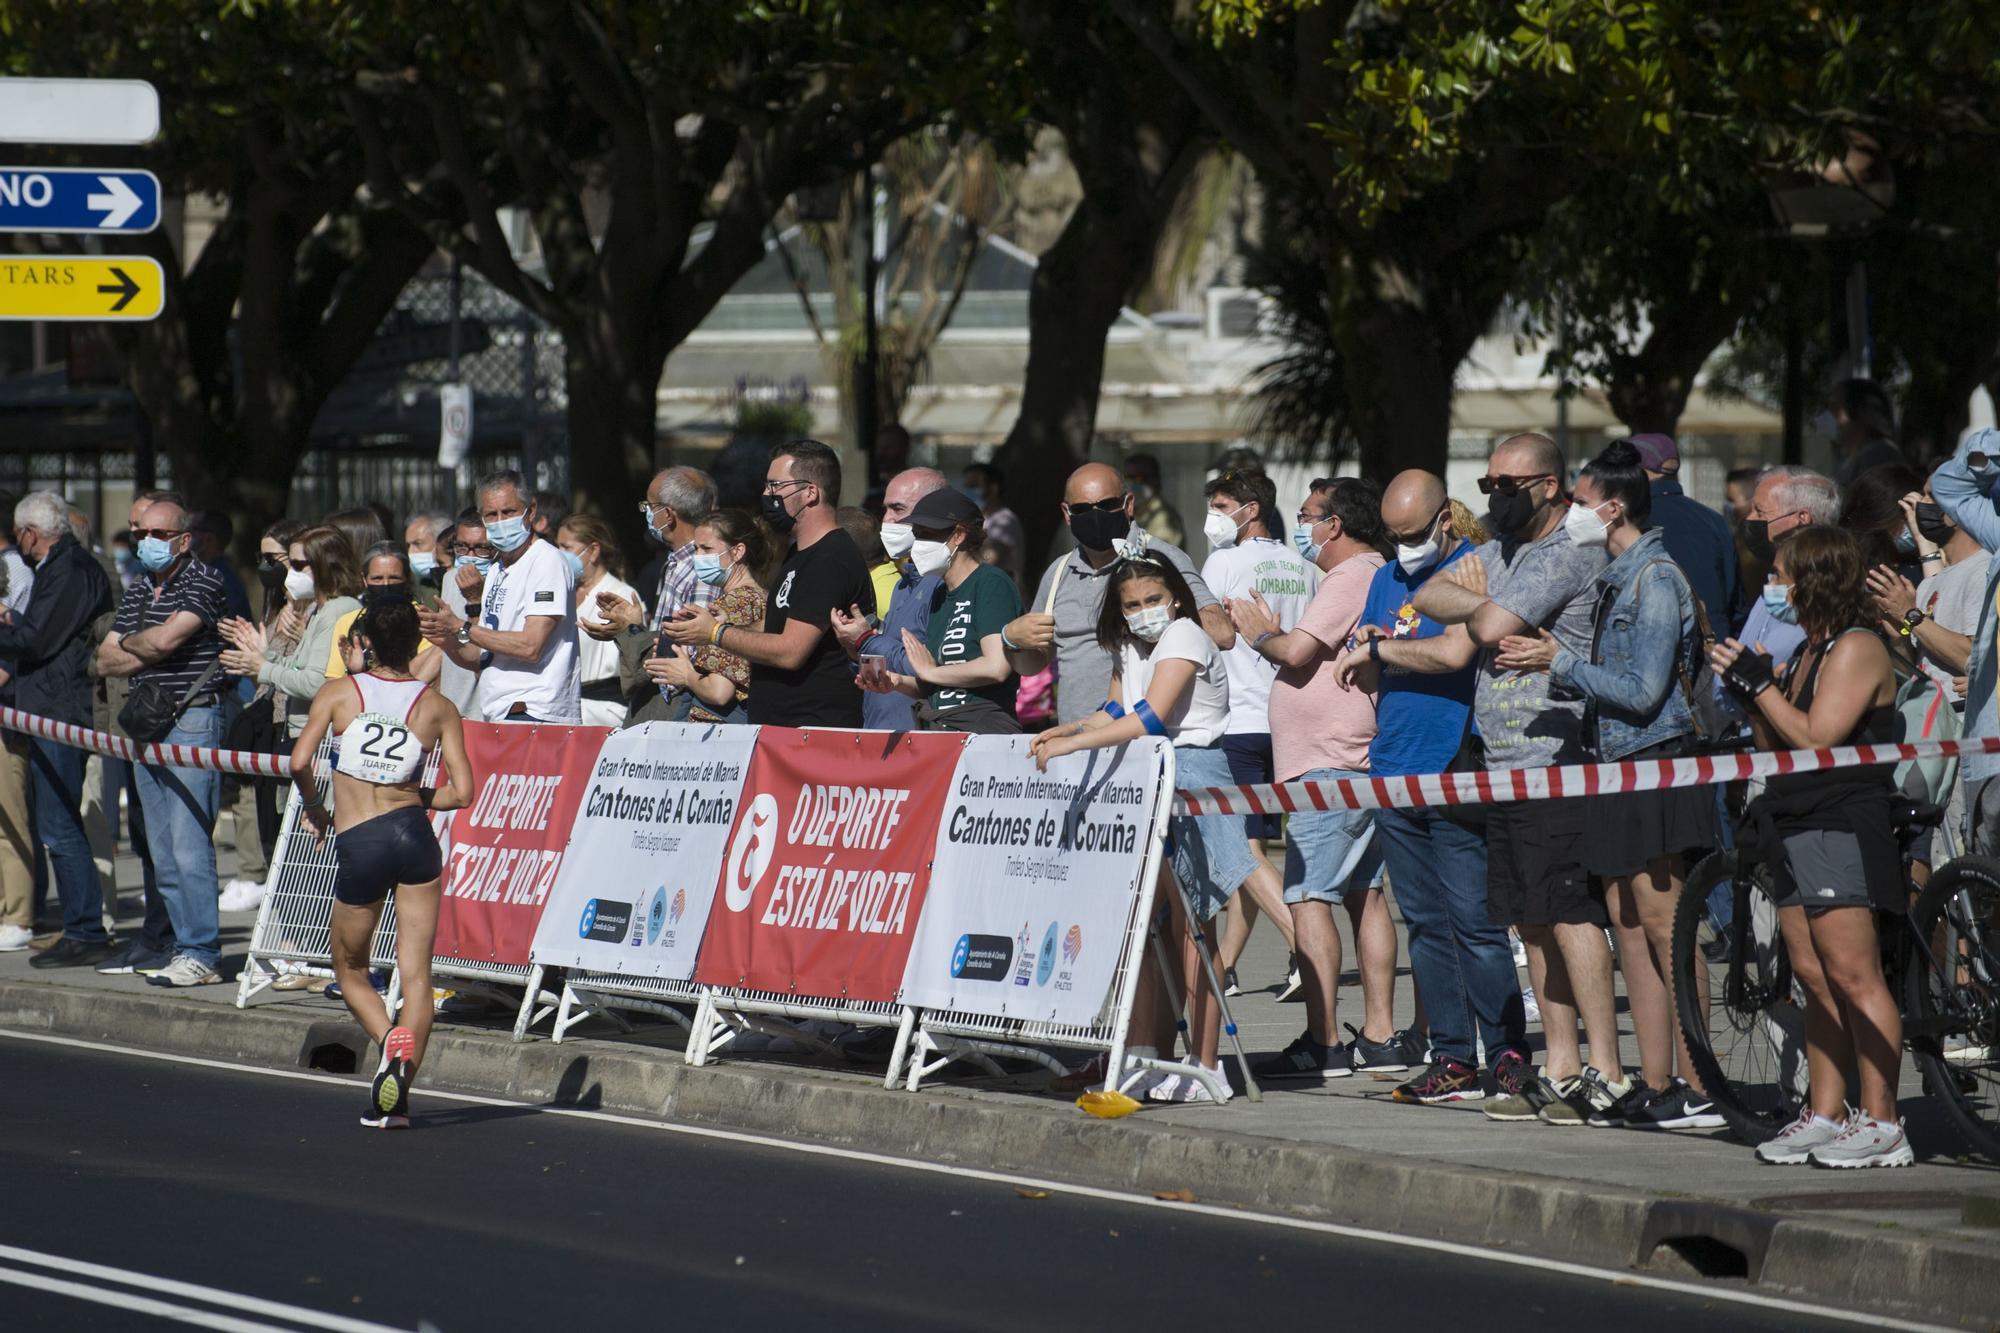 Gran Premio de los Cantones de A Coruña